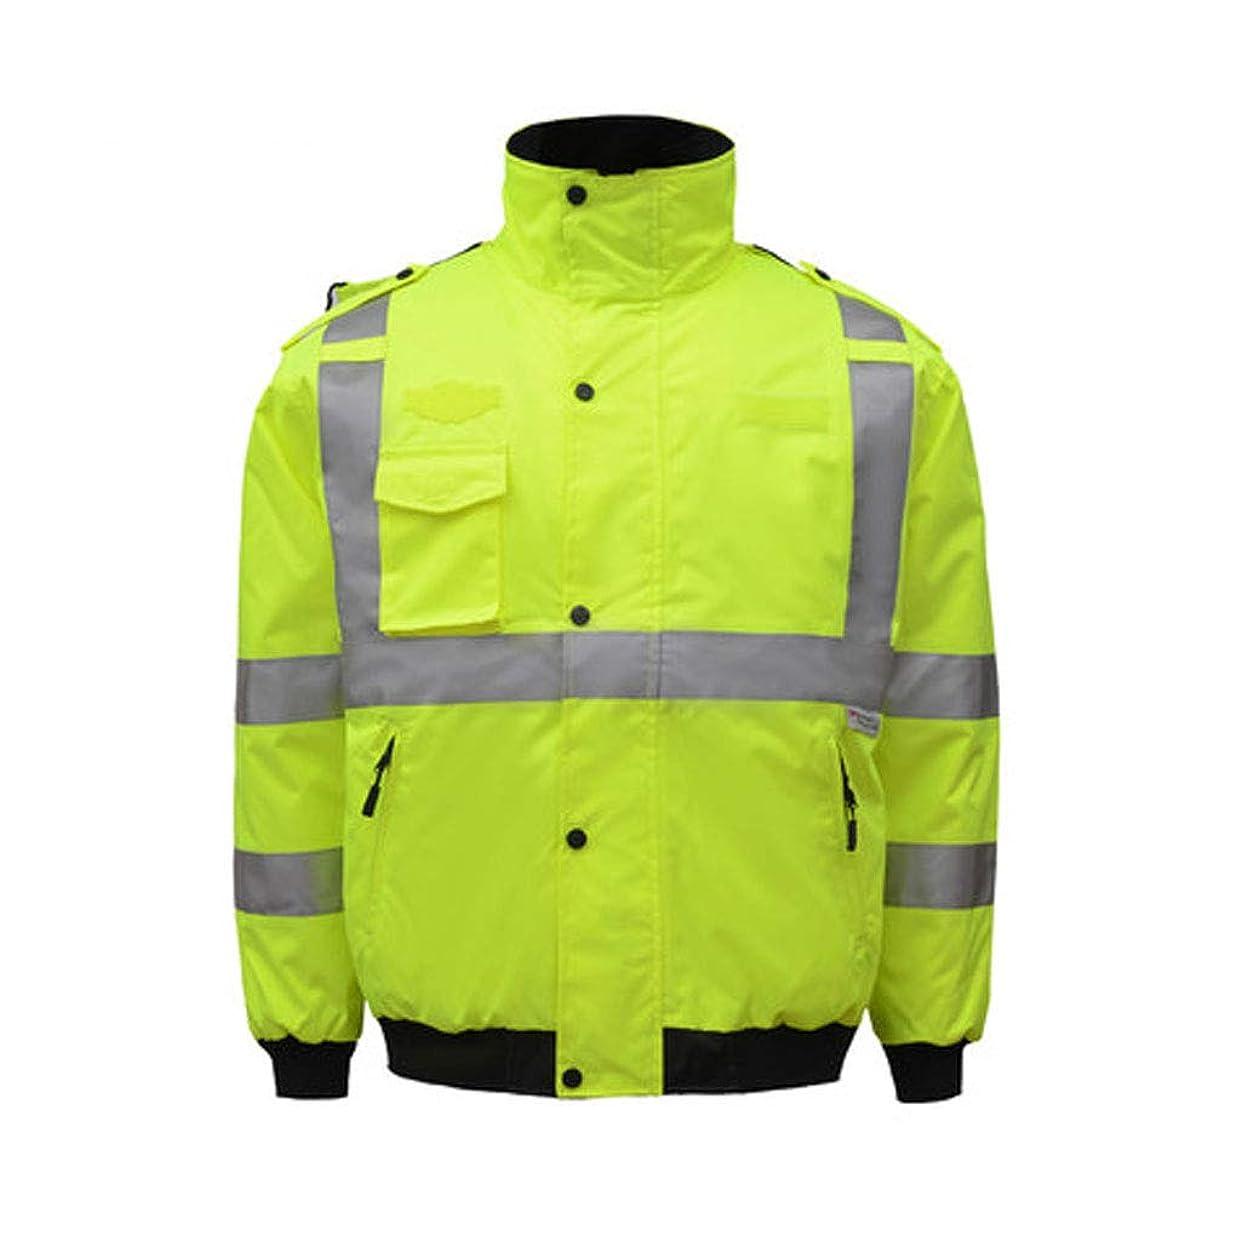 繊細ブレンド改修梁友 安全ジャケット 反射ベスト - メンズ反射綿コート交通交通安全作業服コールドウェーブ厚い綿のジャケット (色 : 緑, サイズ さいず : XXL)